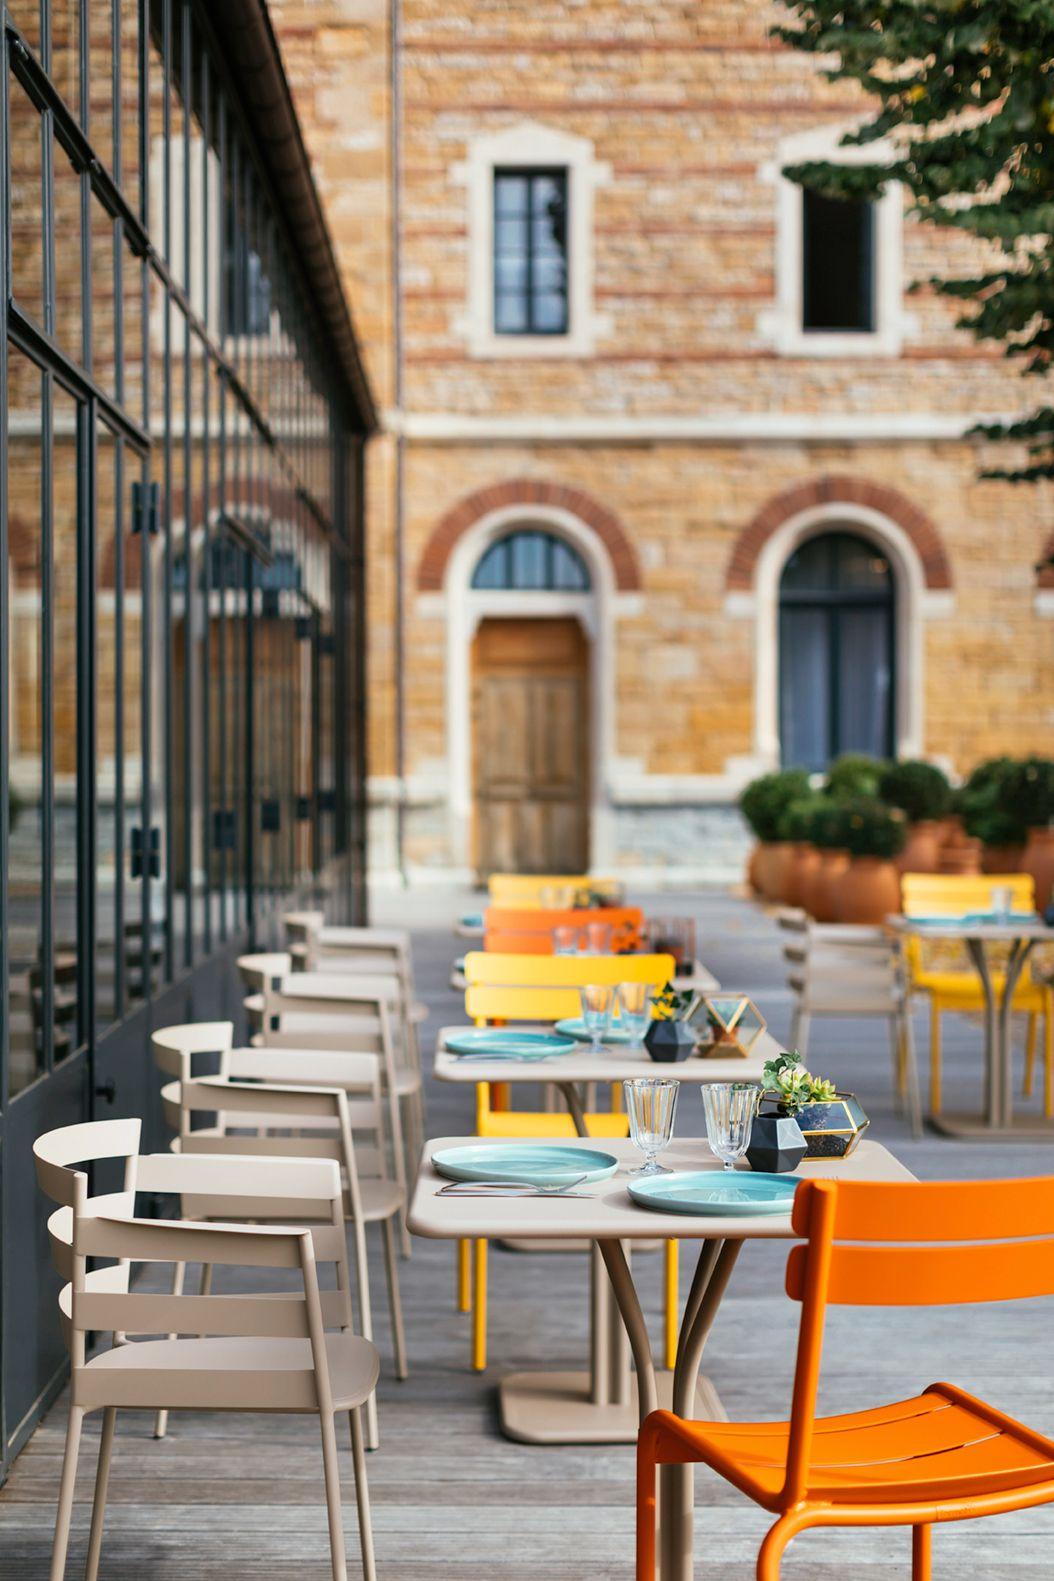 Terrasse Mobilier Hotel Restaurant Chaise Rythmic